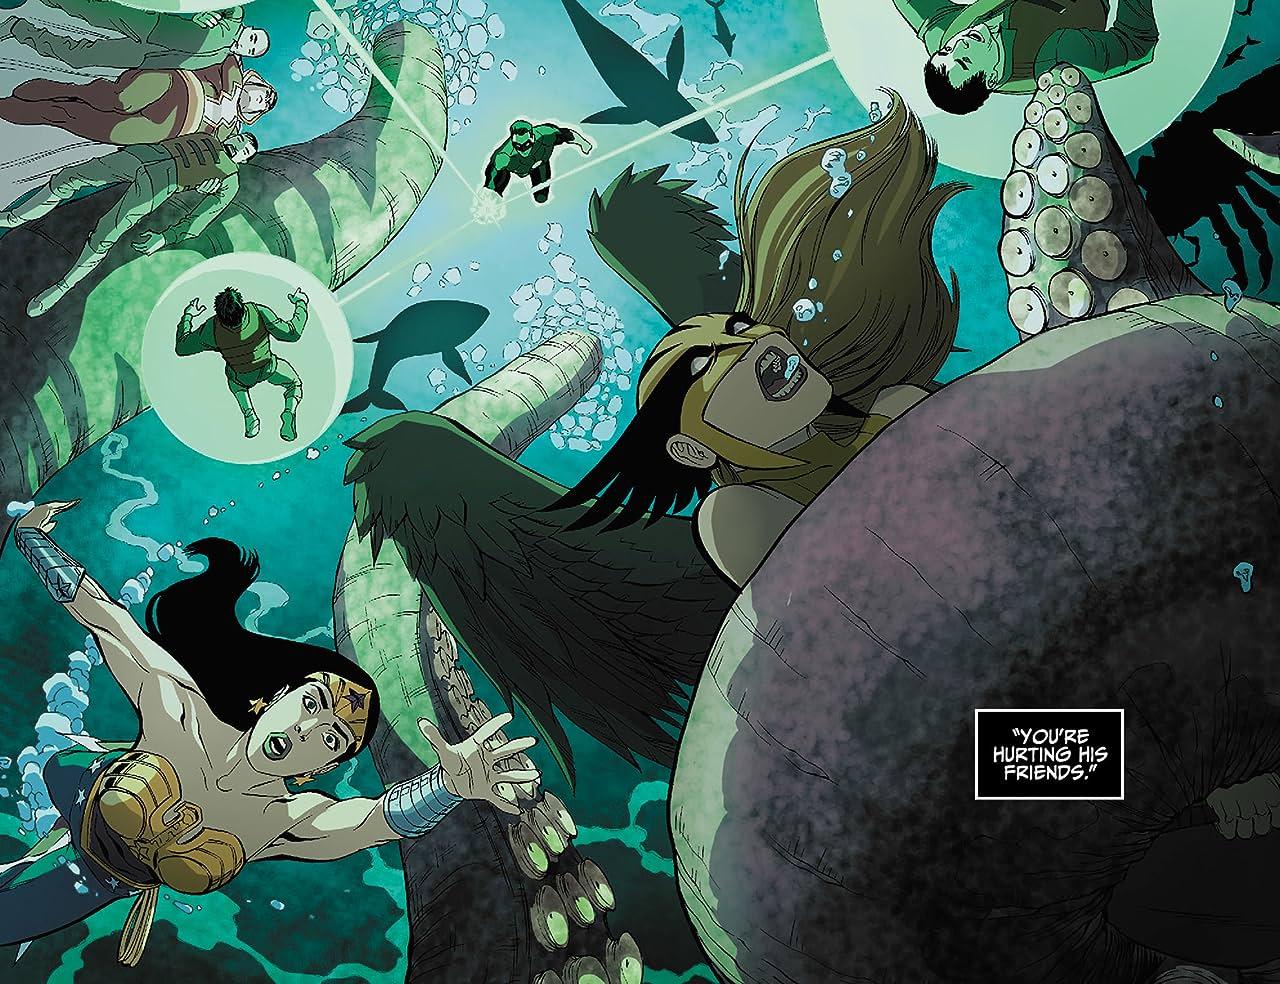 Injustice: Gods Among Us (2013) #12